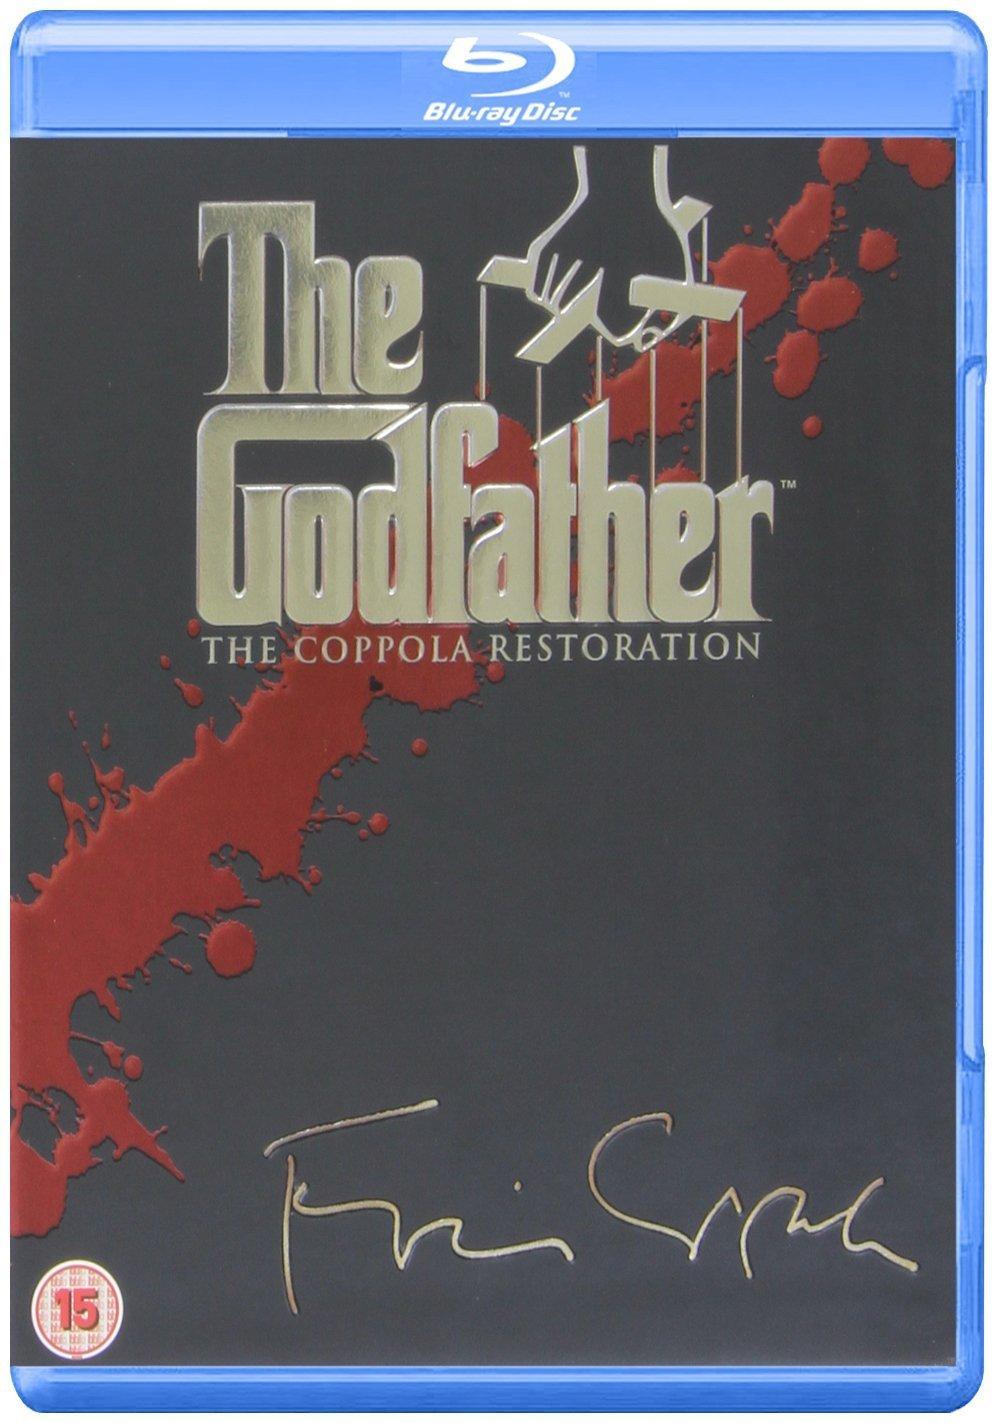 Coffret Blu-ray La trilogie du Parrain : Coppola Restoration (VF)